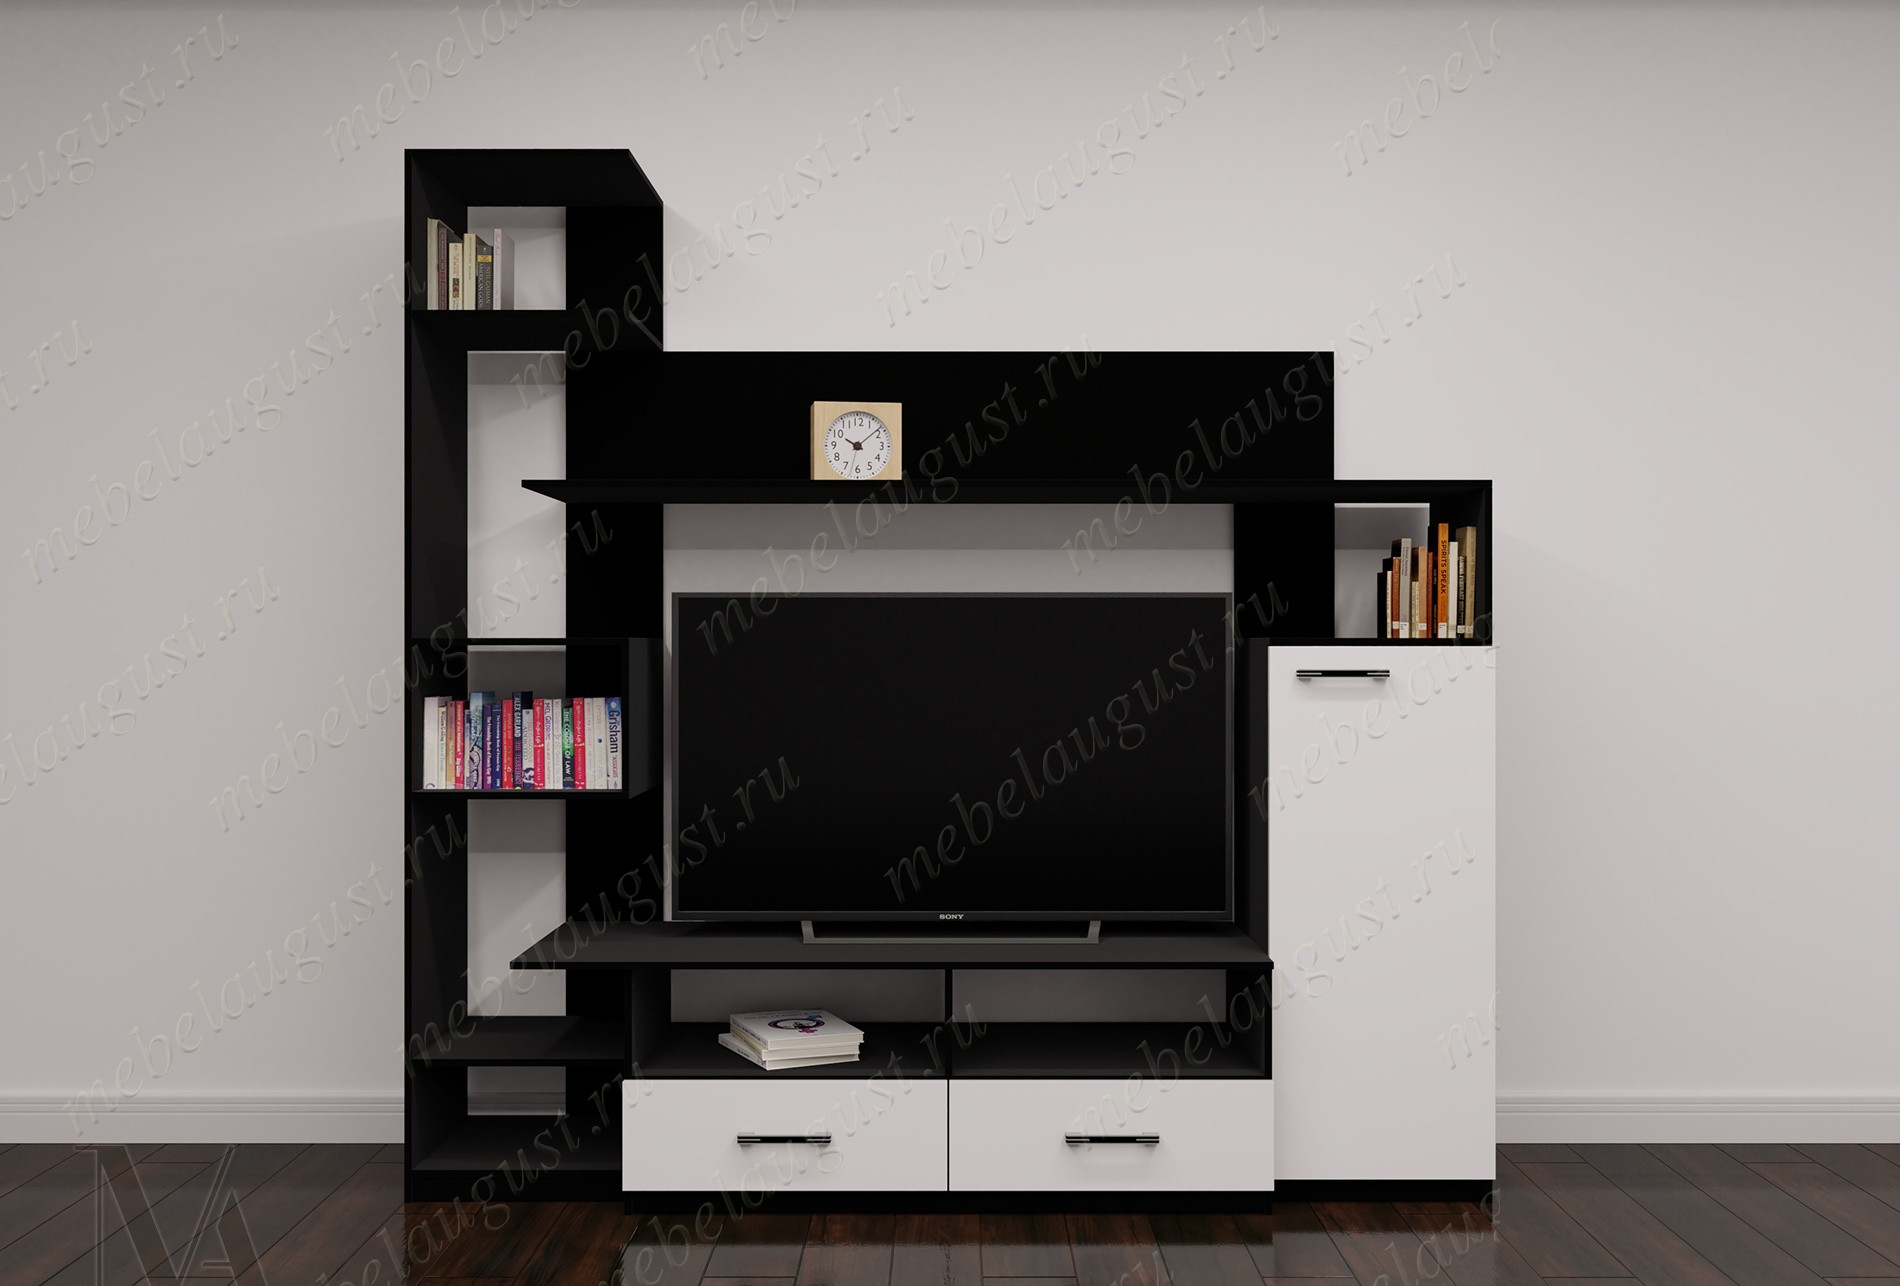 Малогабаритная мебельная стенка для спальни с полкой под телевизор